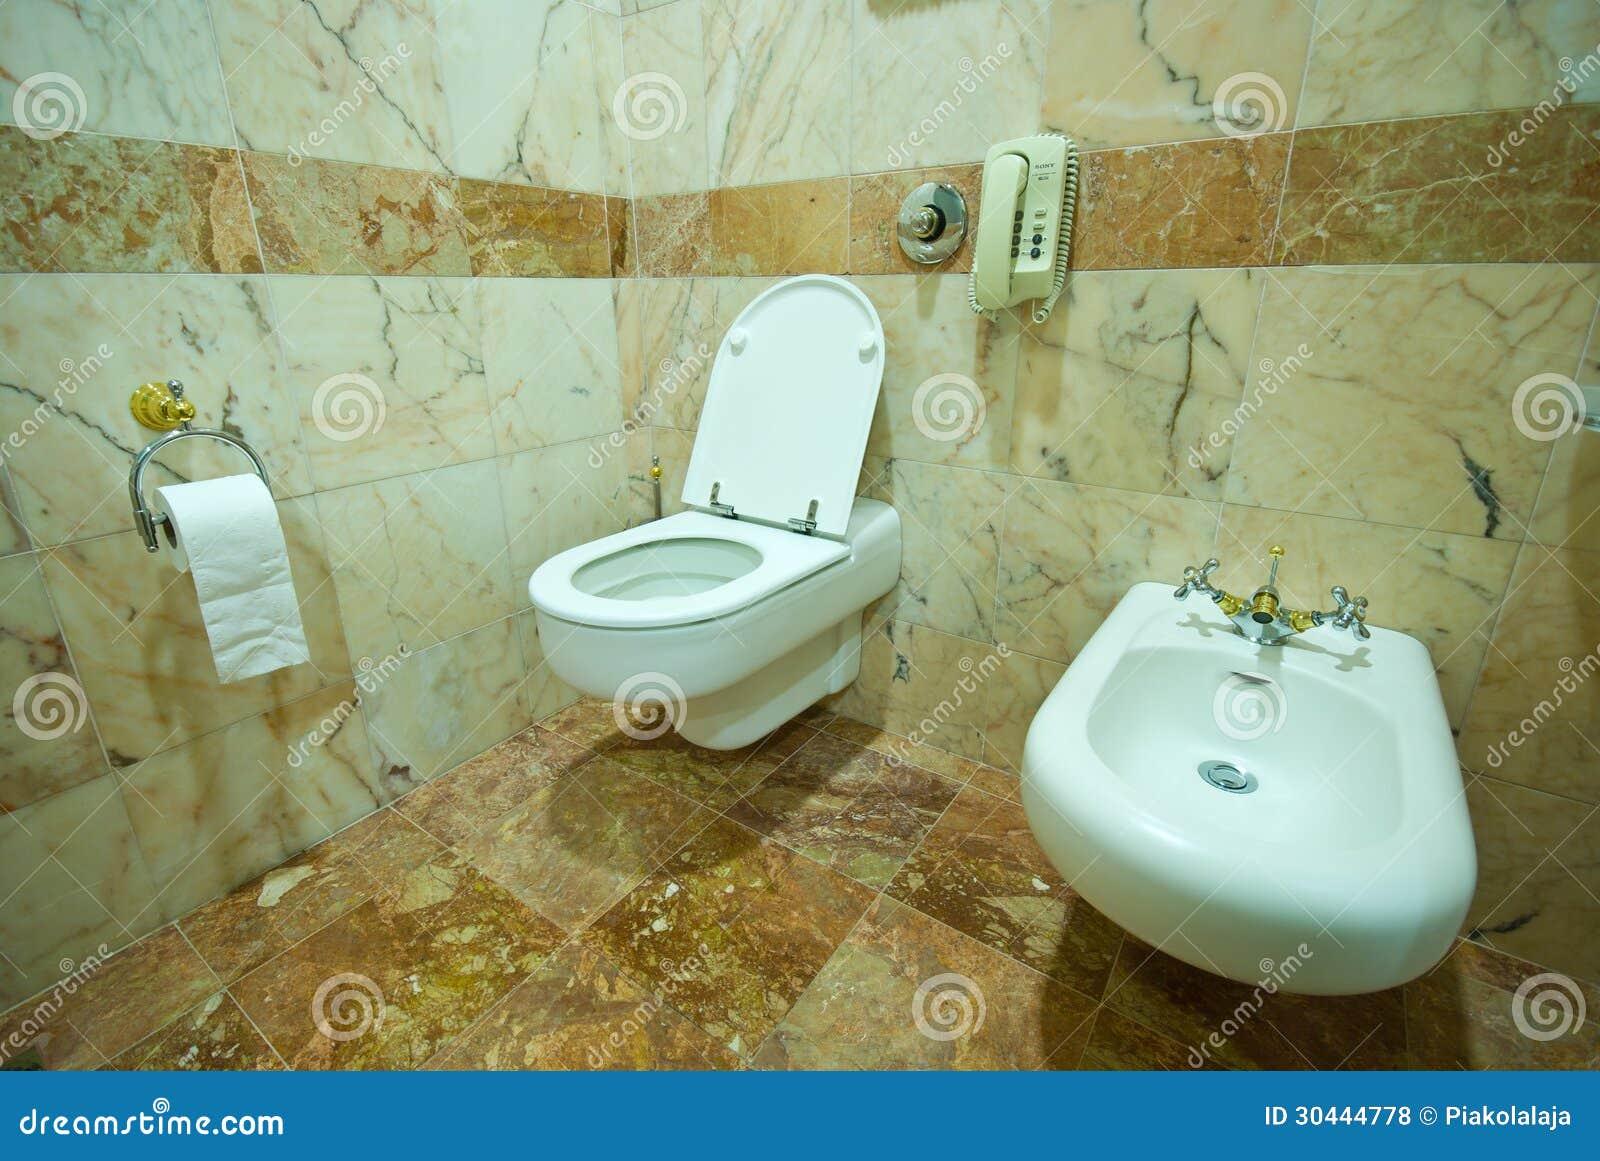 Badezimmer Steinwand ~ Kreative Deko Ideen Und Innenarchitektur, Wohnzimmer  Design